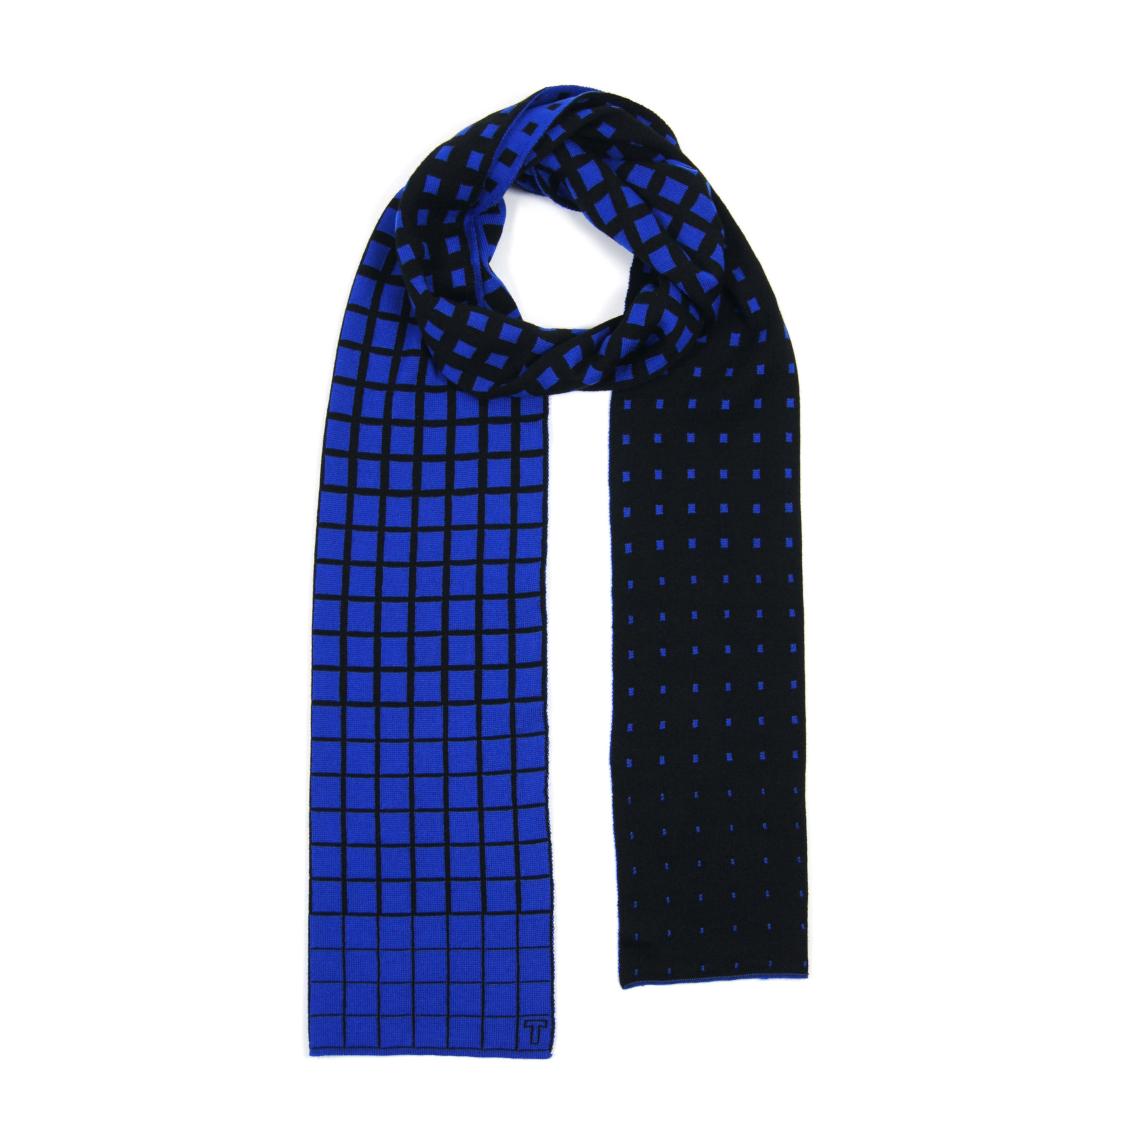 Thijs-Verhaar-sjaal-scarf-paradigma-Cobalt-1